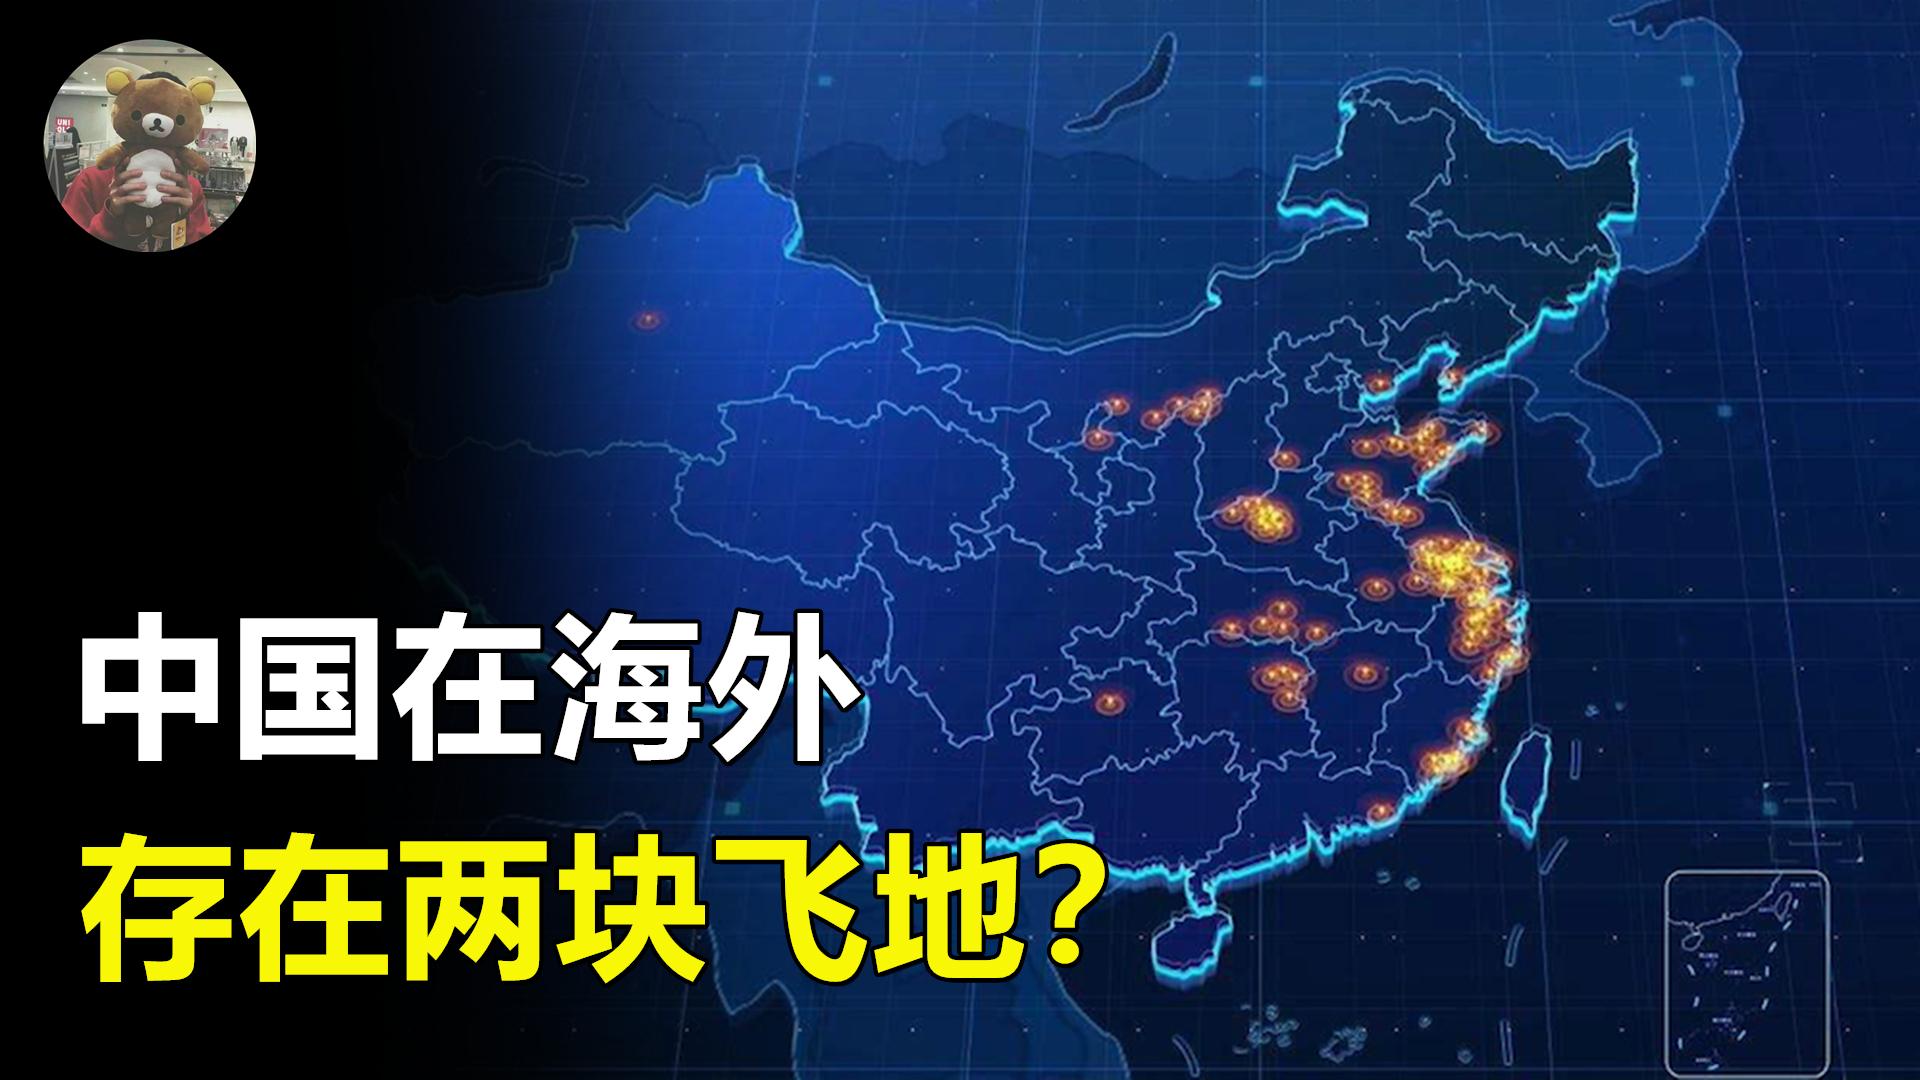 中国在海外还有领土?一个中国公民可以自由出入,另一个已经丢了